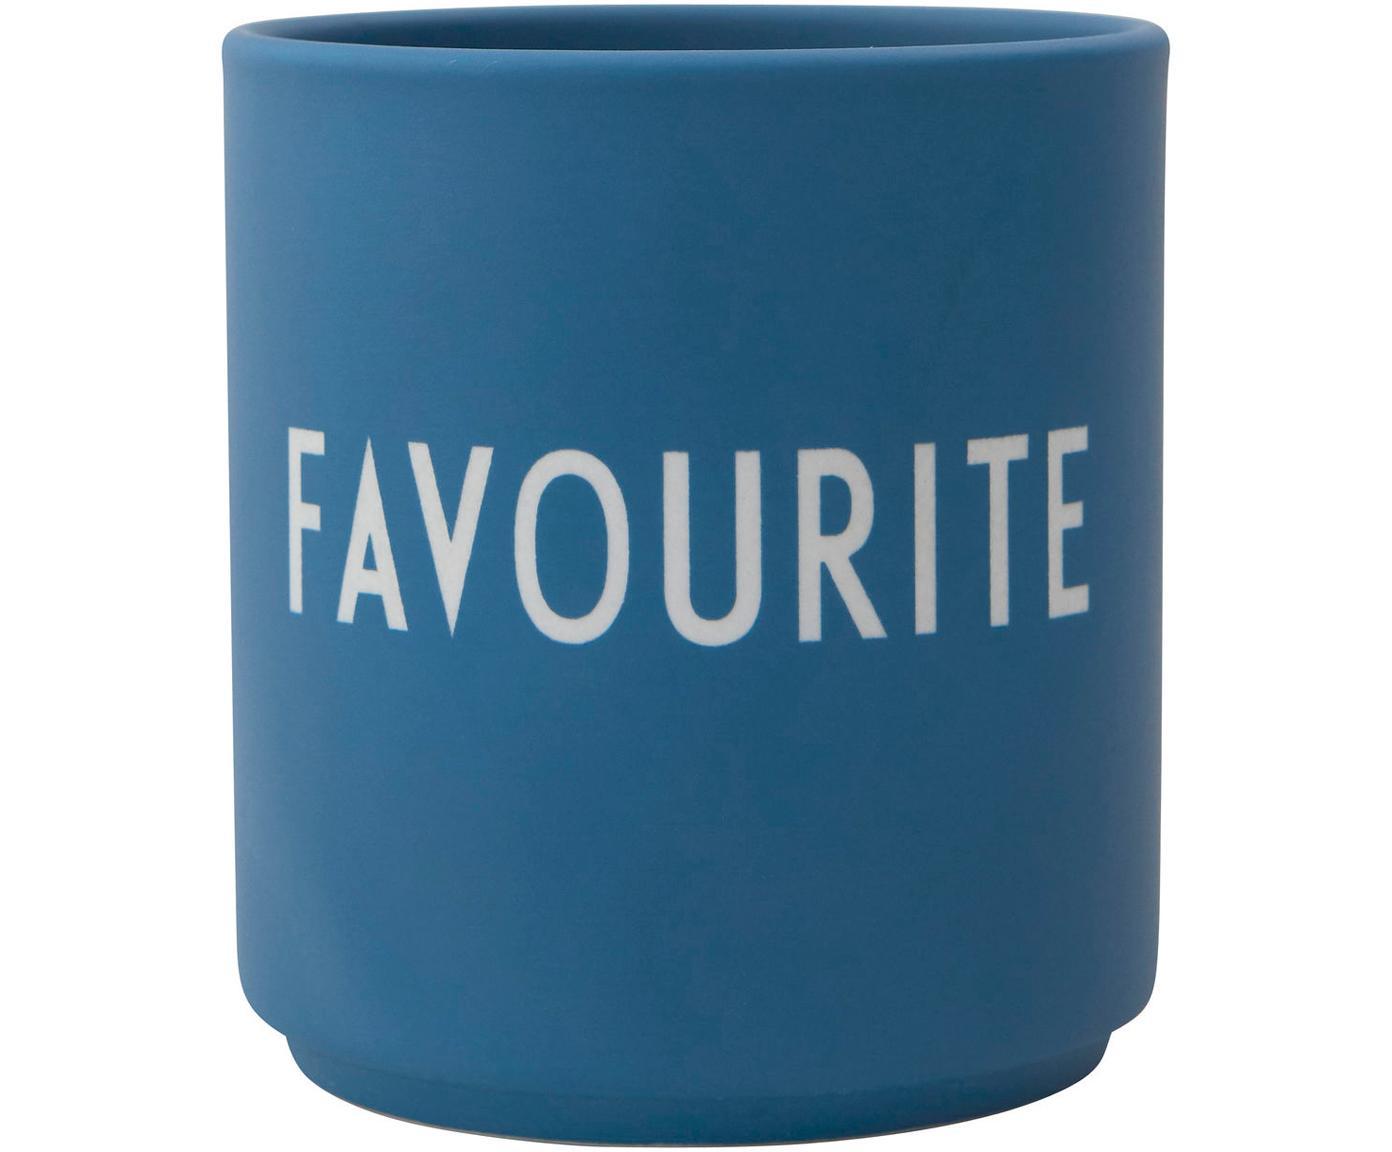 Design Becher FAVOURITE in Blau mit Schriftzug, Fine Bone China (Porzellan), Blau, Weiß, Ø 8 x H 9 cm